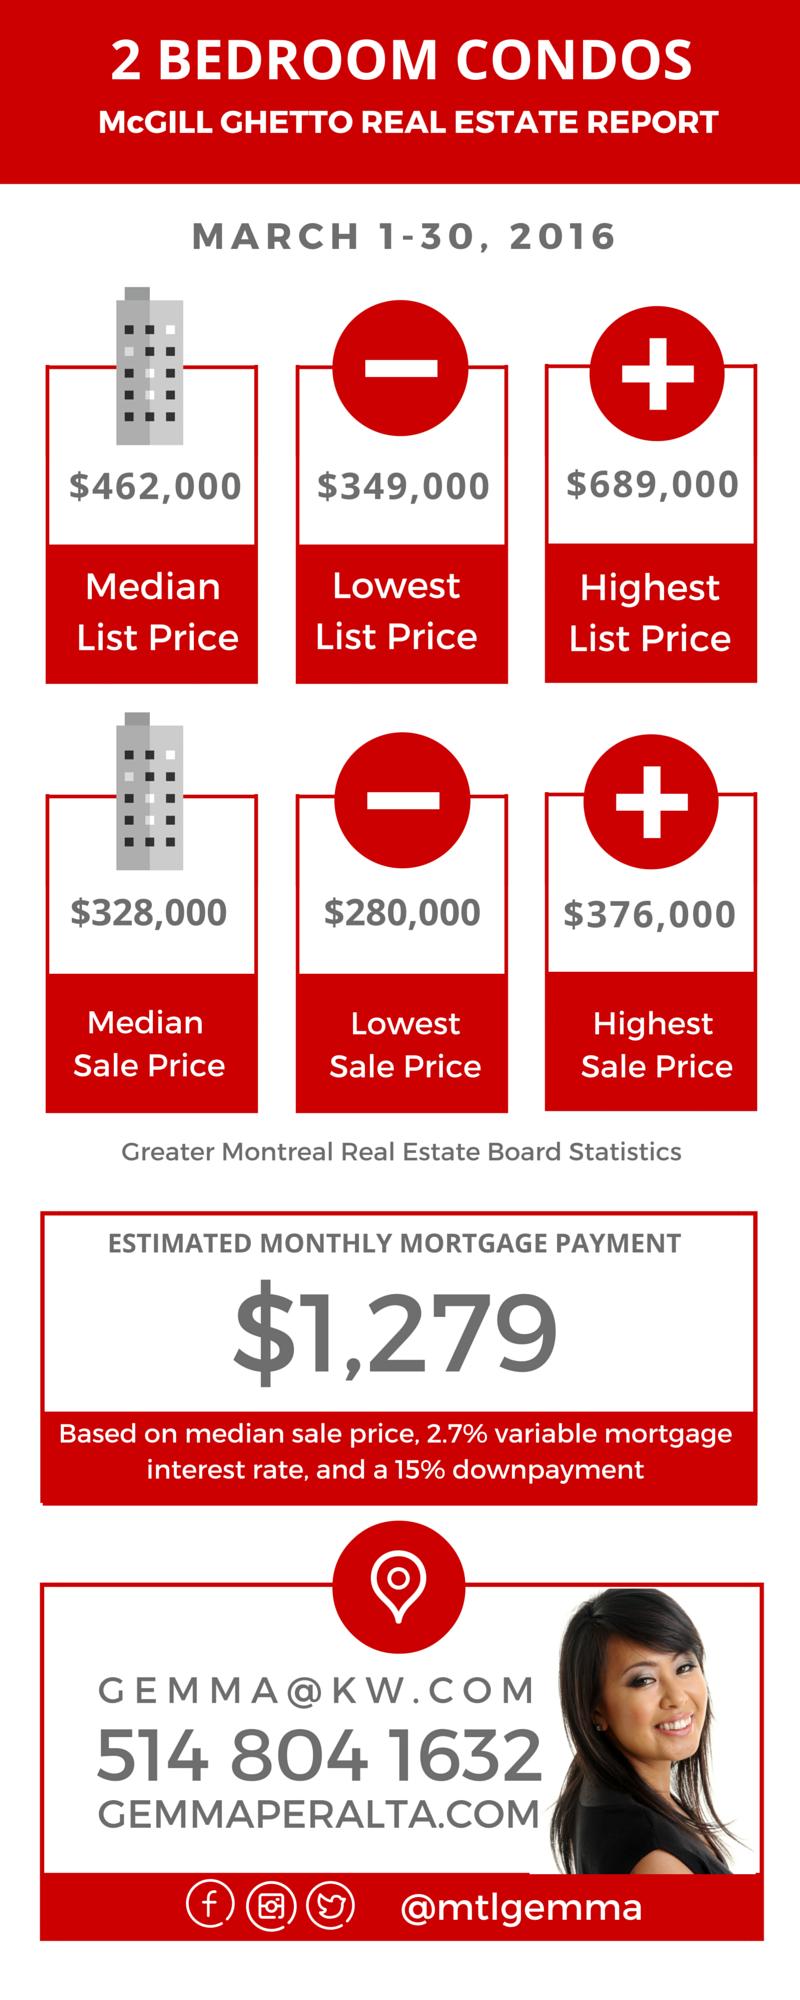 McGill Ghetto Real Estate Report - MARCH 2016 03